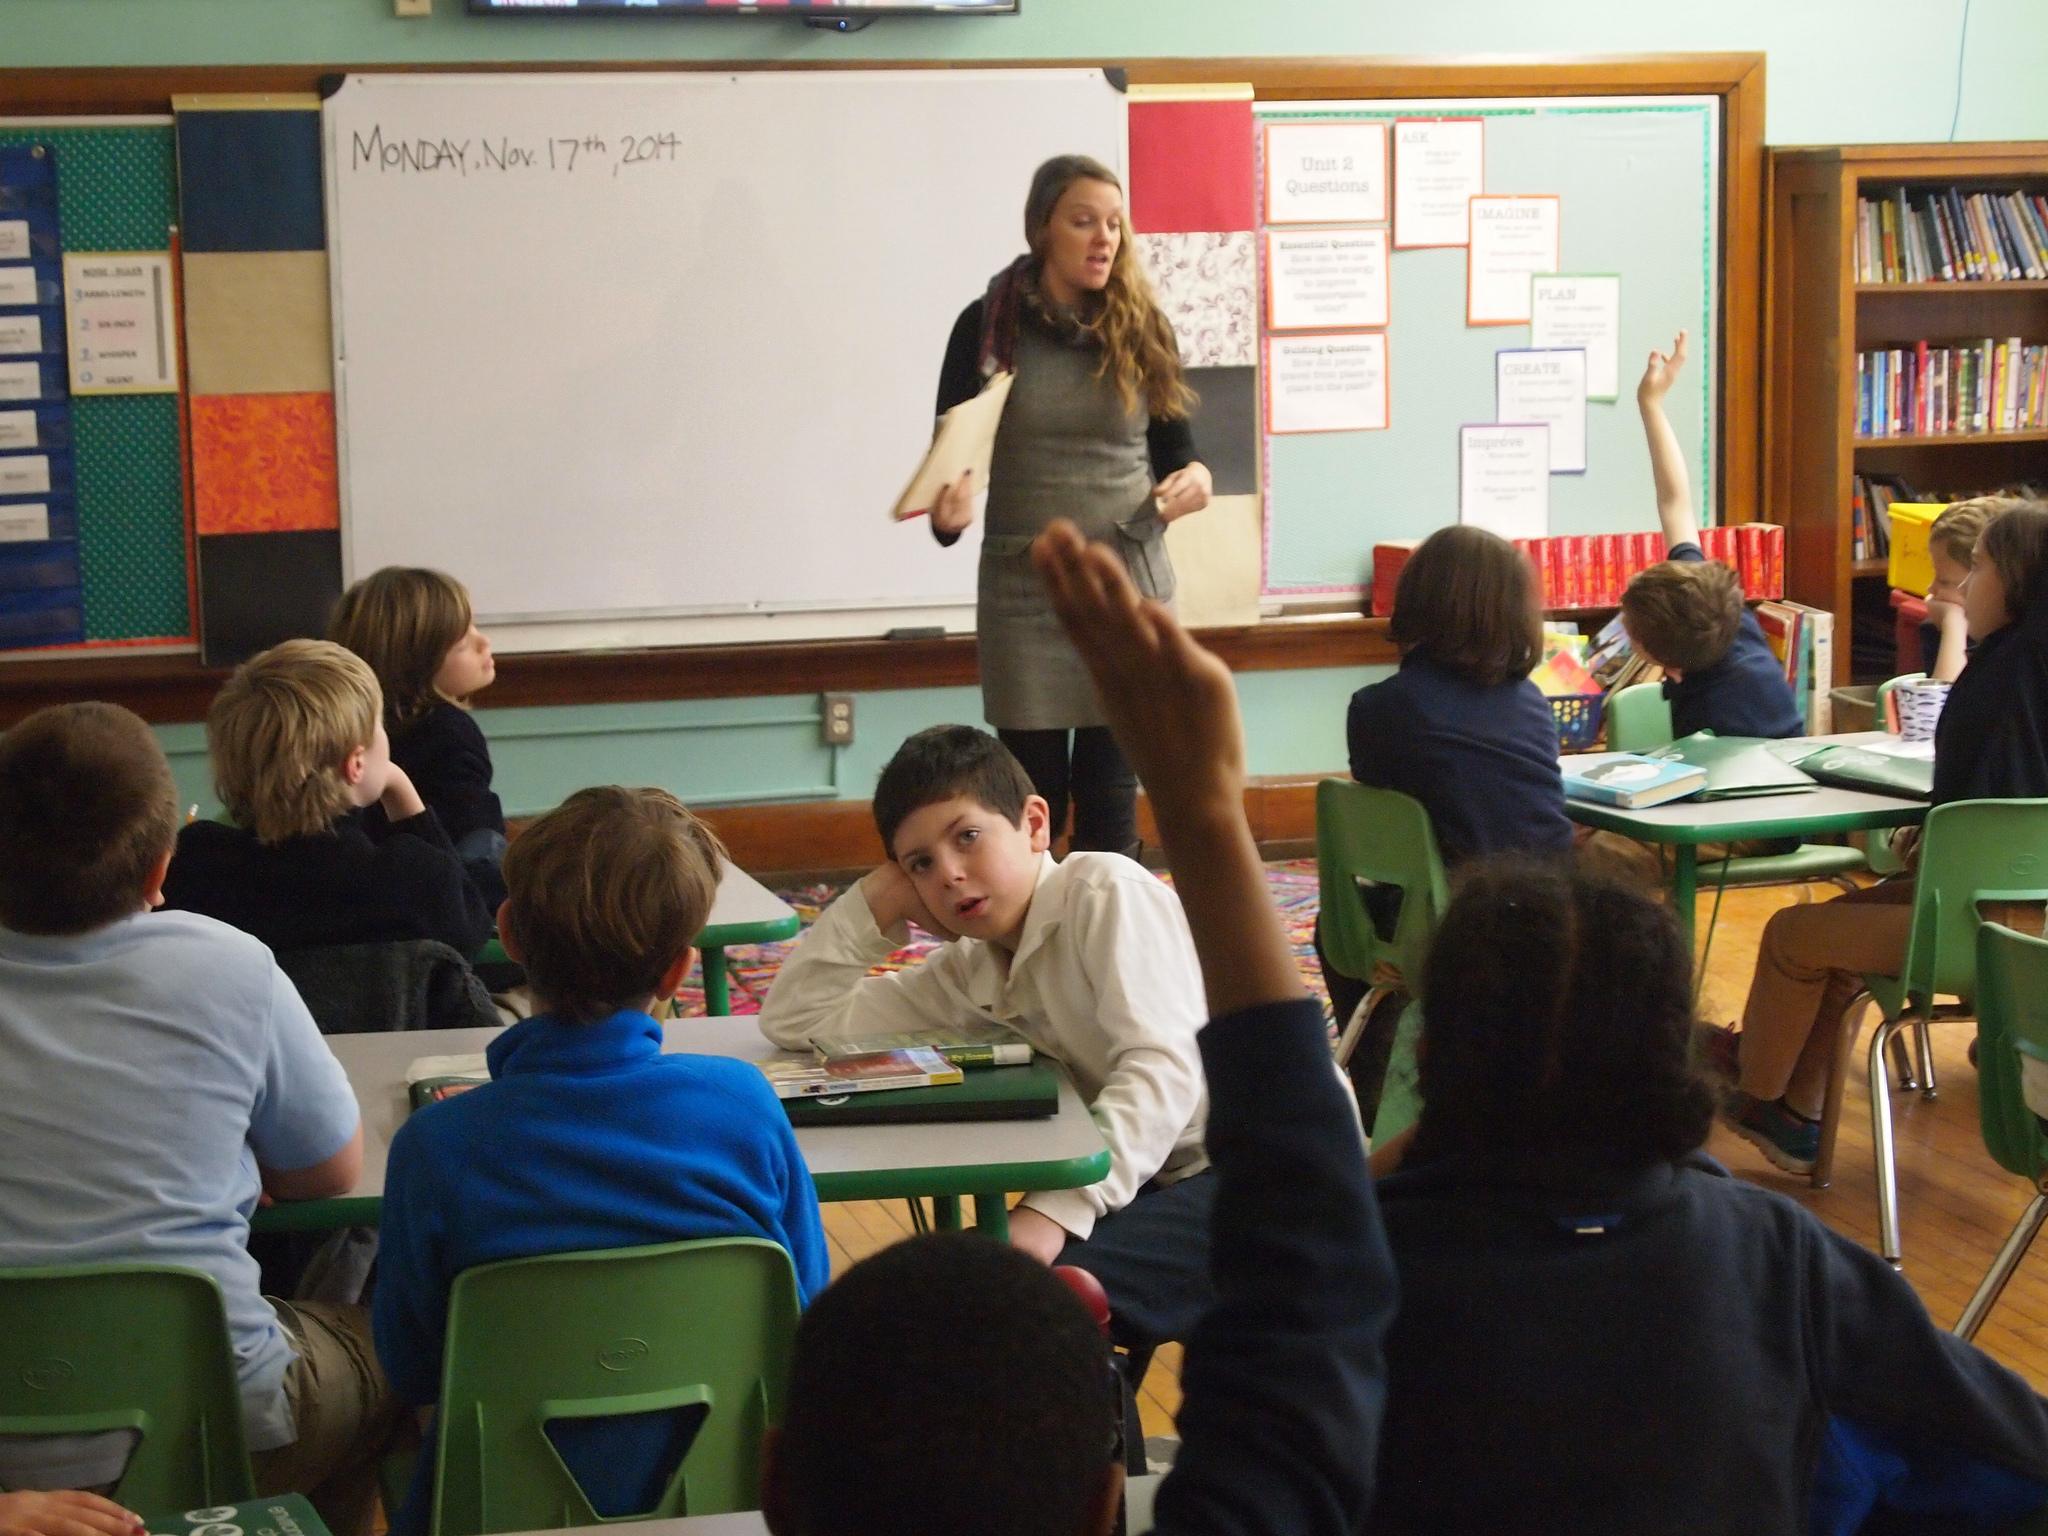 Estrategias para mejorar la atenci n de los alumnos en el aula eduforics - Agencias para tener estudiantes en casa ...